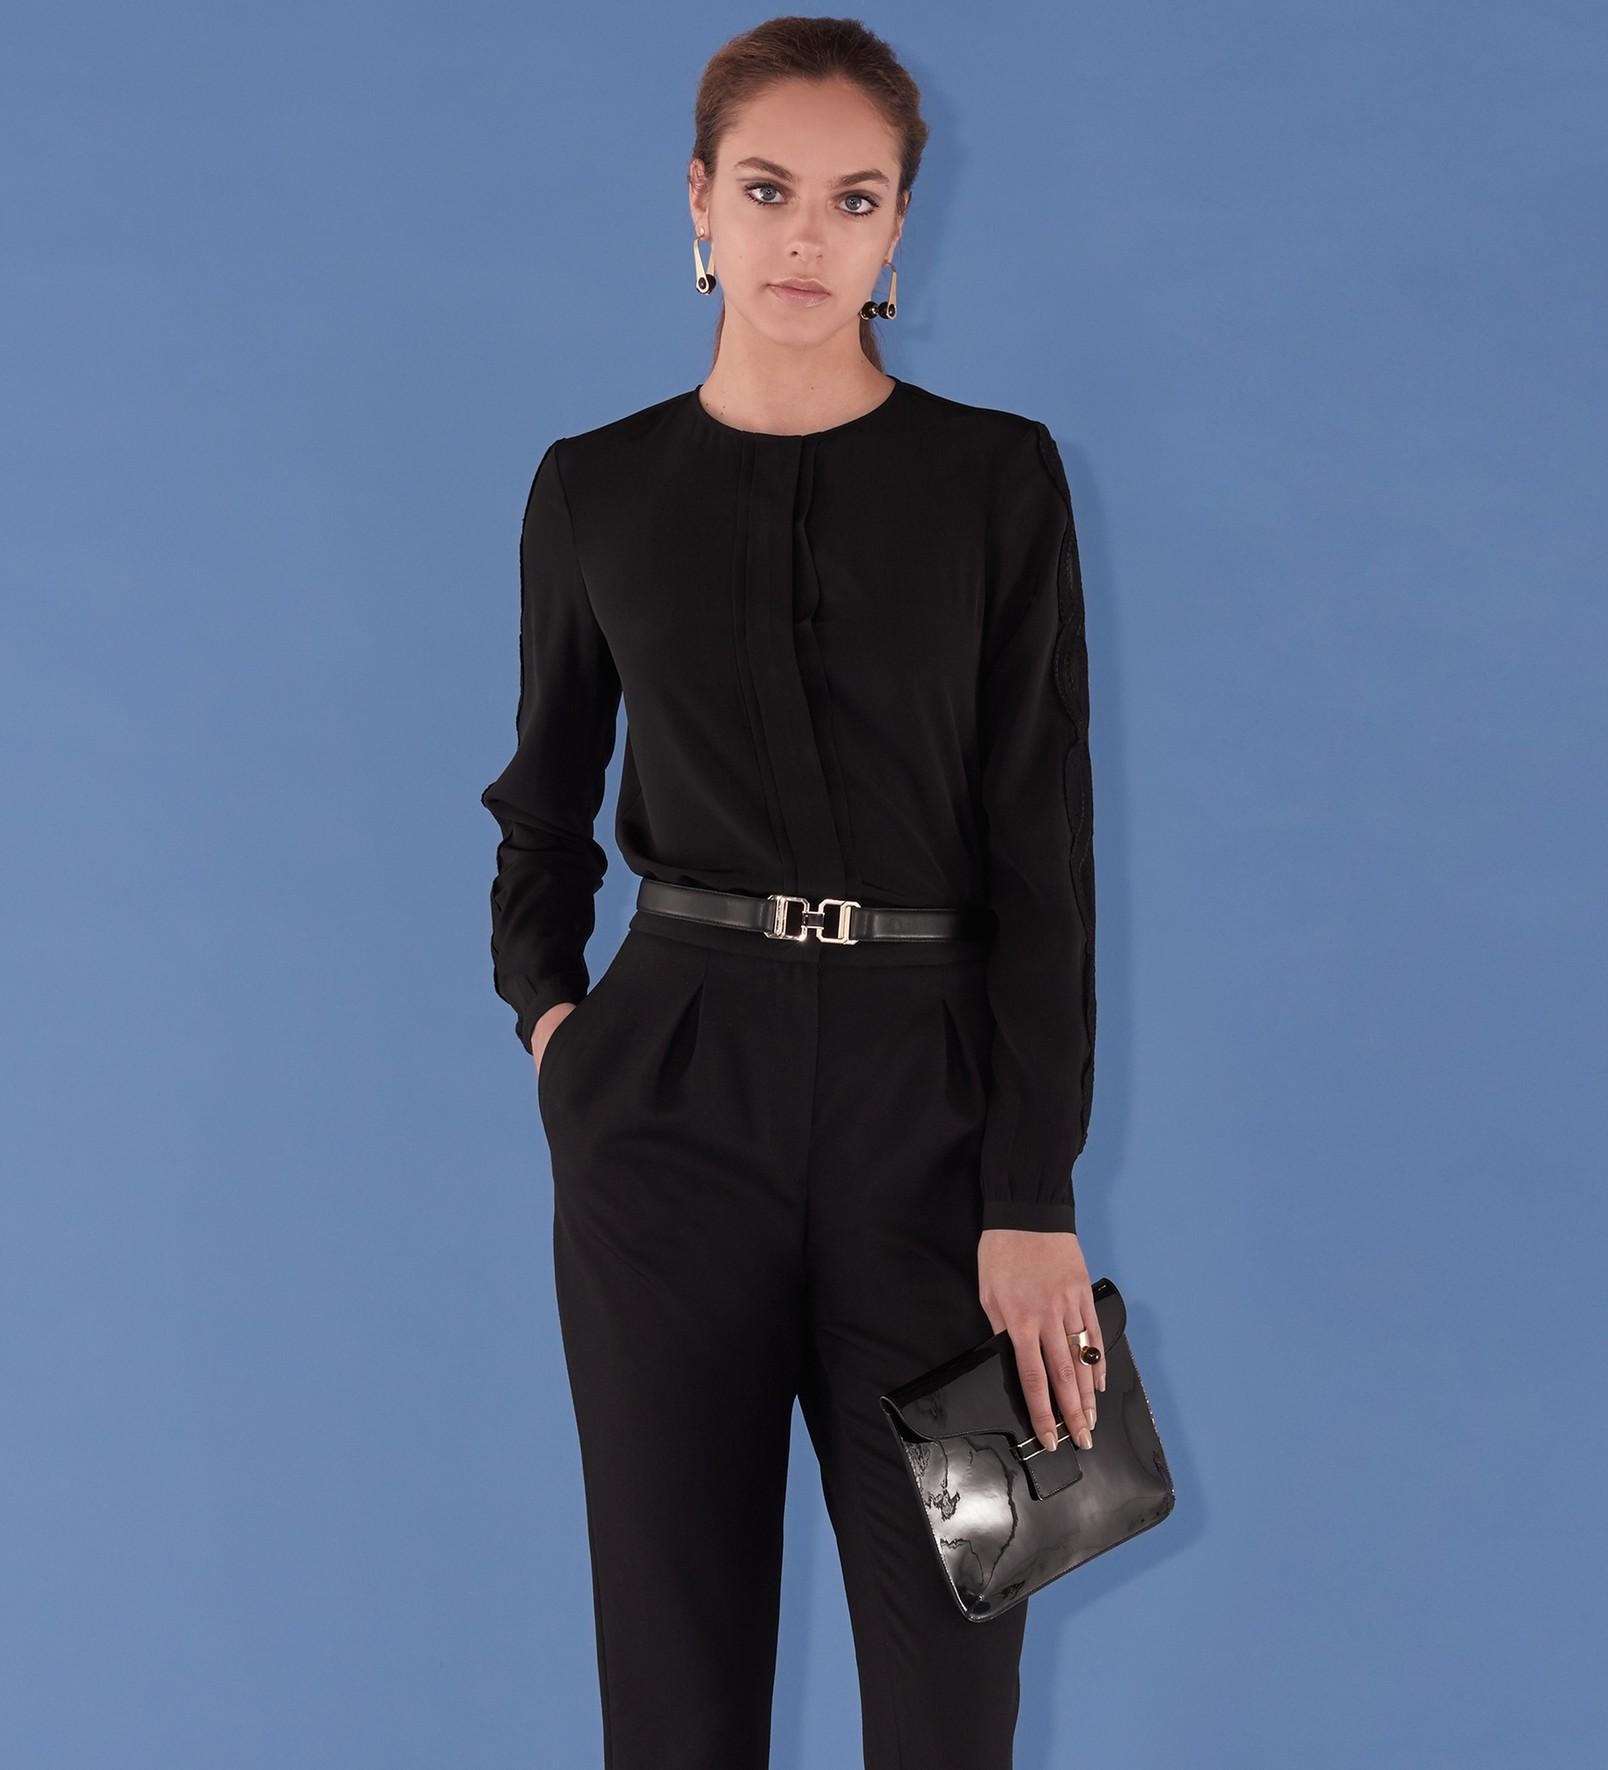 Comment s habiller pour un déplacement professionnel   - Madame Figaro 724ba412b17